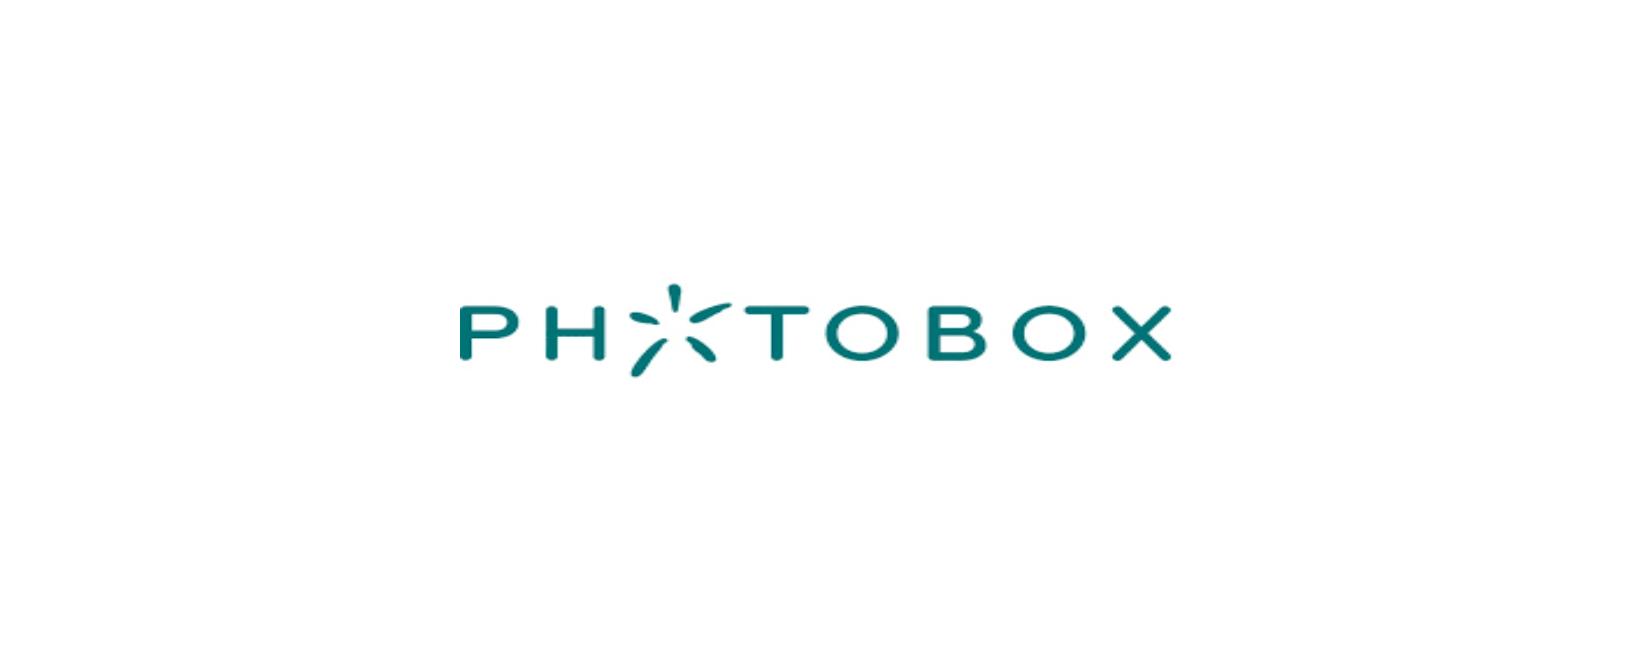 Photobox Discount Code 2021